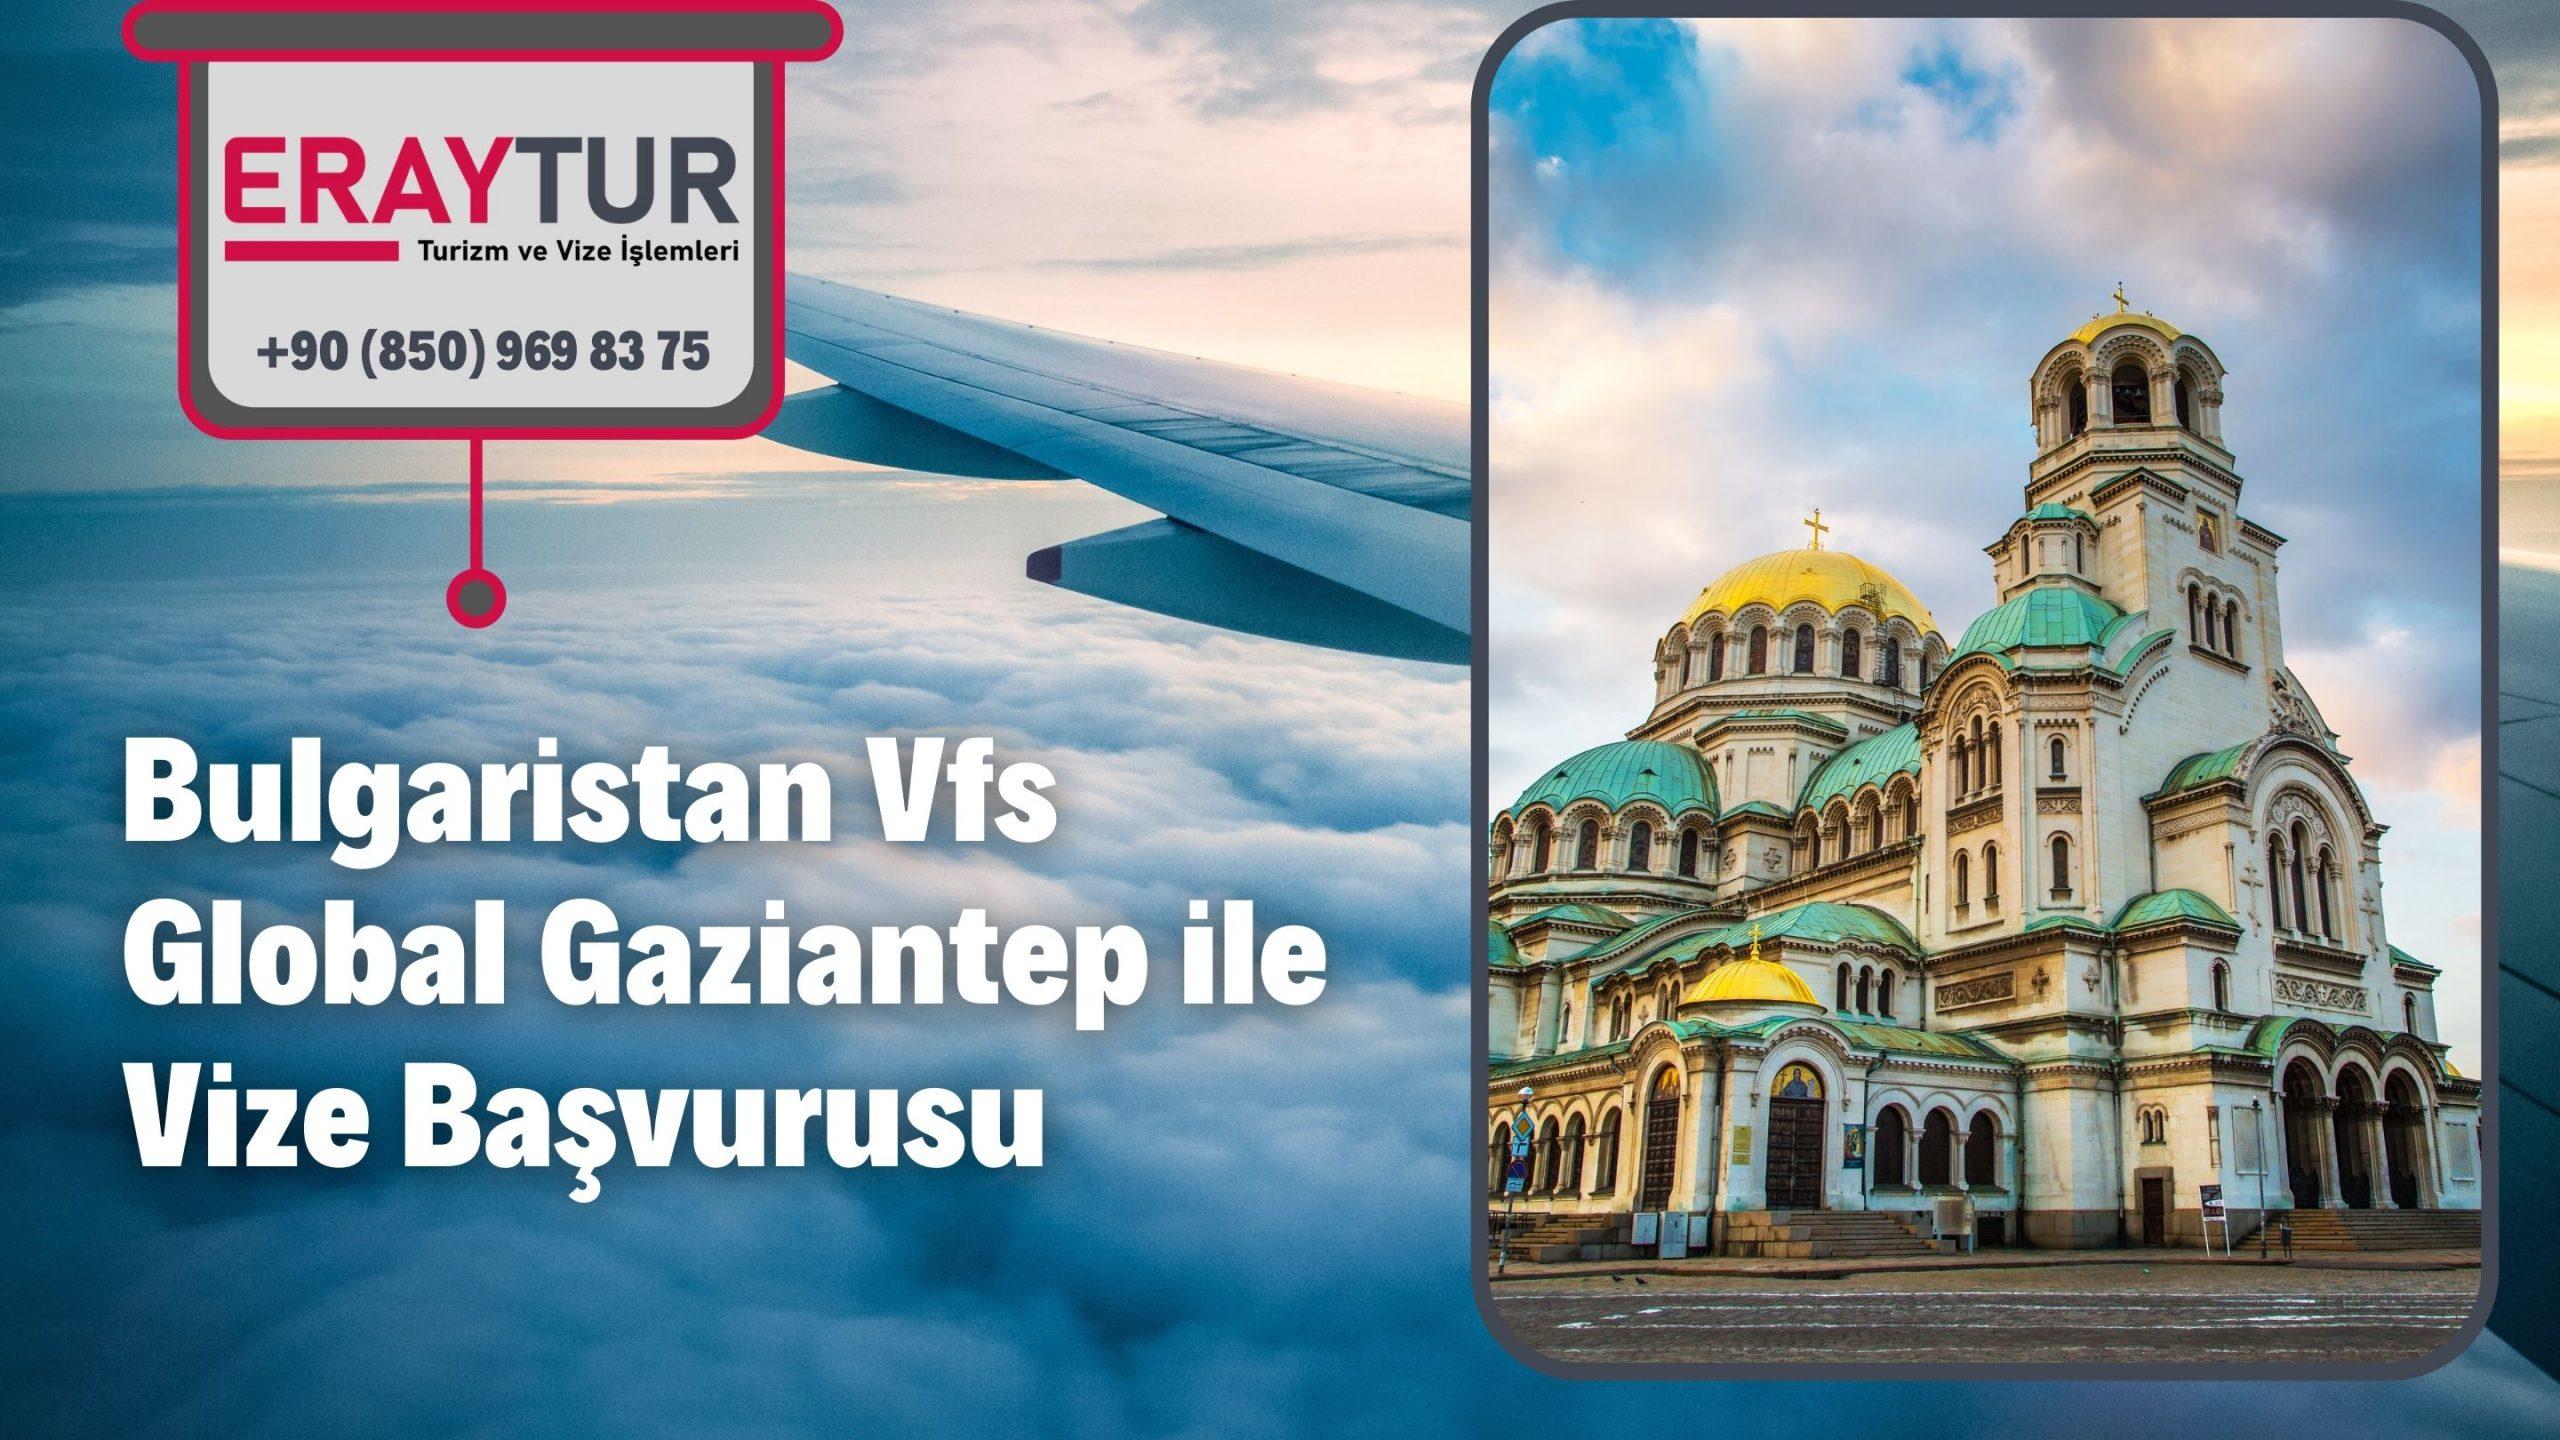 Bulgaristan Vfs Global Gaziantep ile Vize Başvurusu